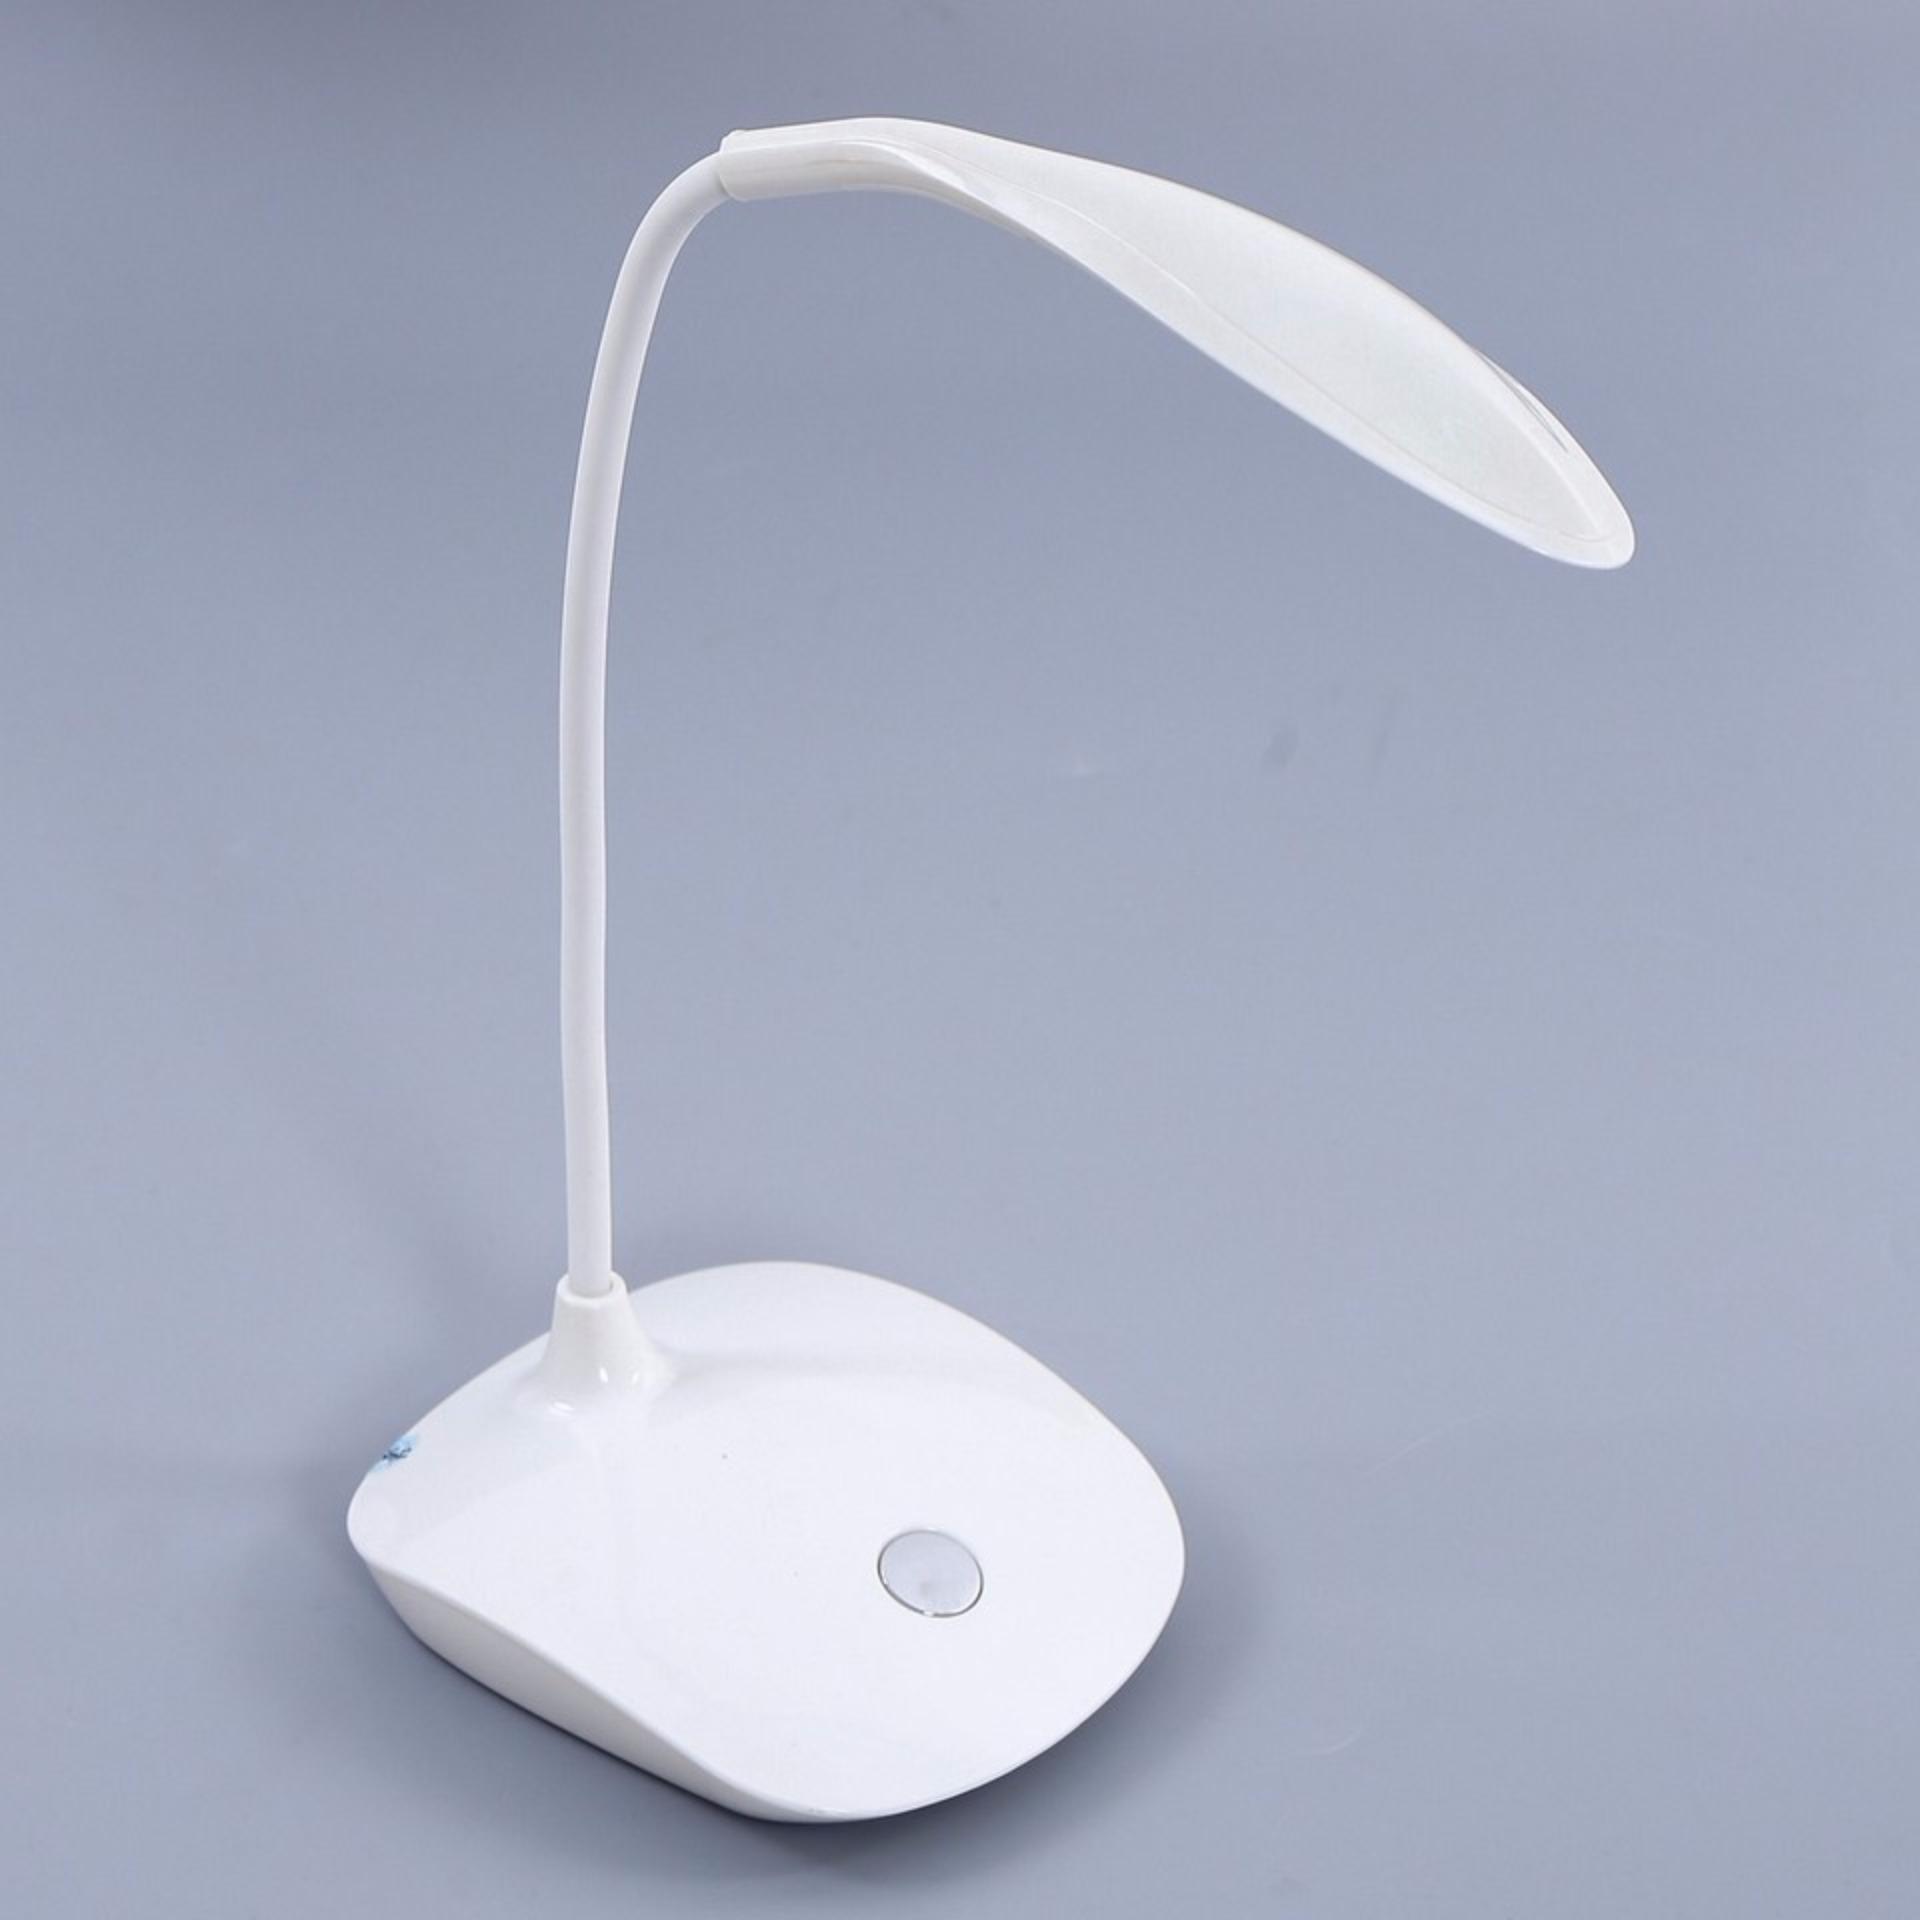 Giá Niêm Yết Đèn led chống cận thị học,làm việc để bàn cảm ứng sử dụng pin sạc